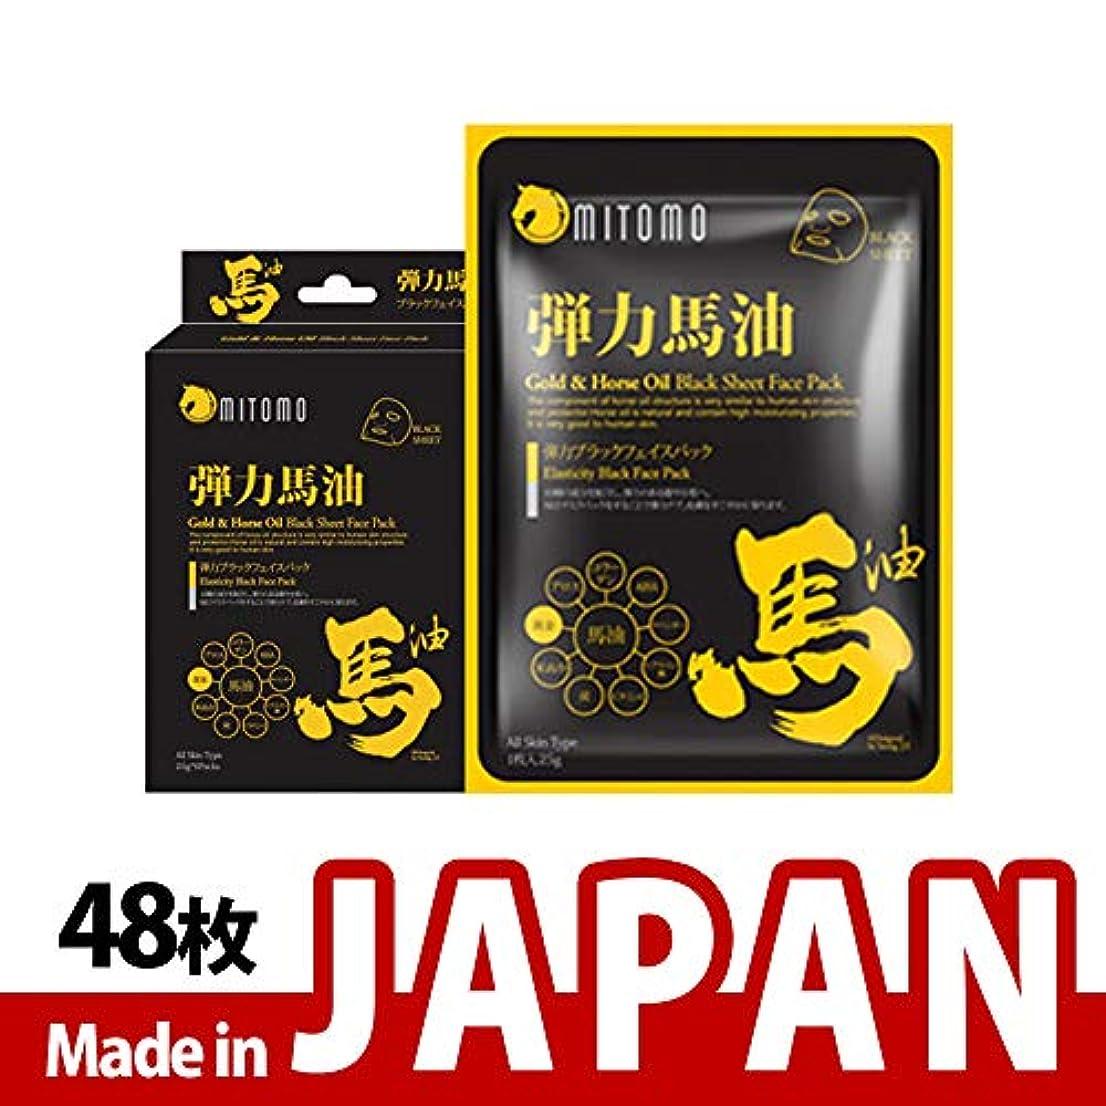 過度のペナルティ酸っぱいMITOMO【MC740-A-0】日本製シートマスク/6枚入り/48枚/美容液/マスクパック/送料無料